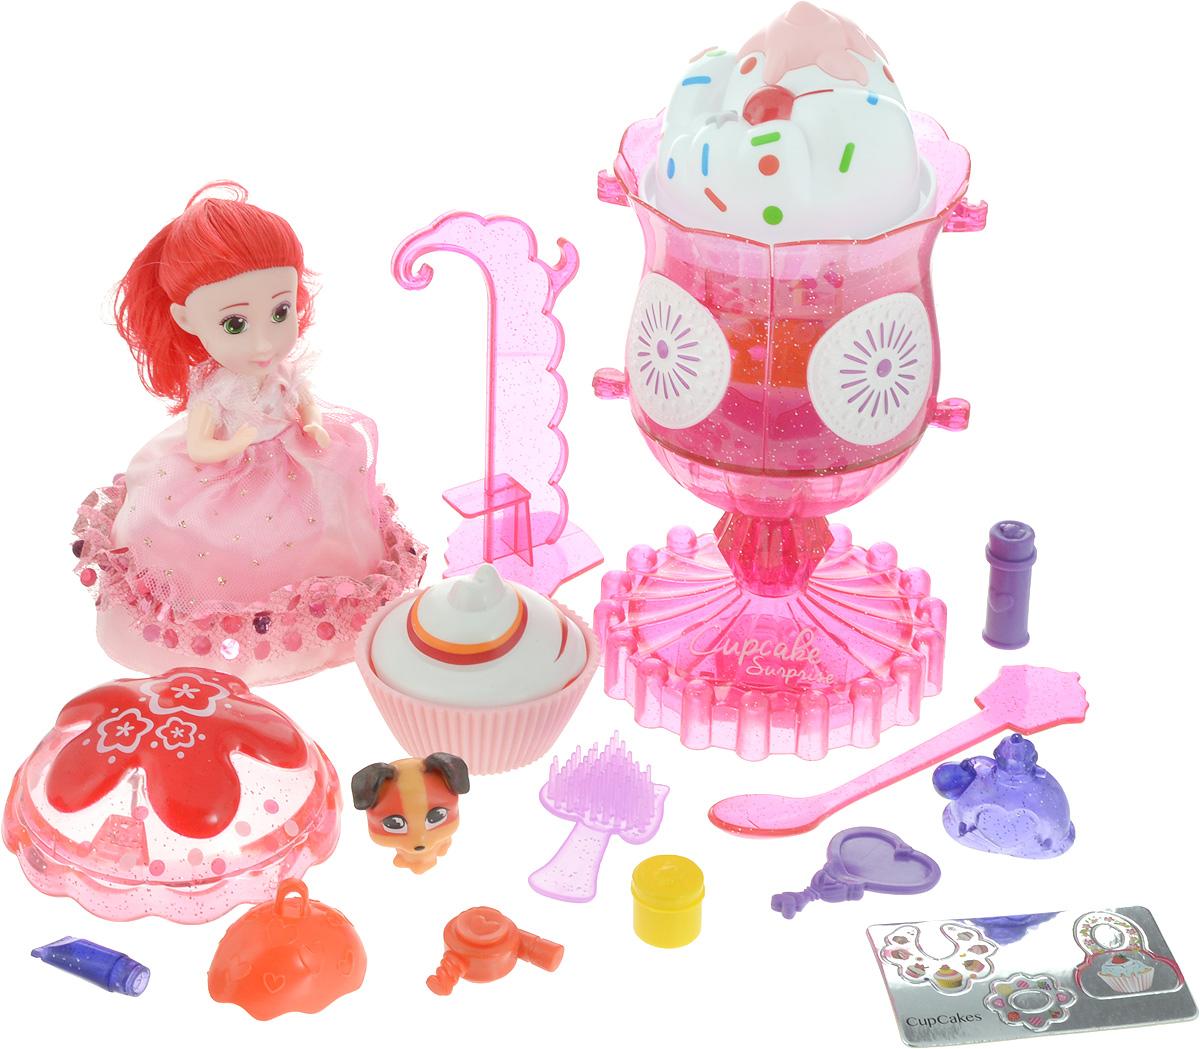 Emco Игровой набор Cupcake Surprise Мороженое Туалетный столик с куклой Капкейк и питомцем цвет розовый - Куклы и аксессуары